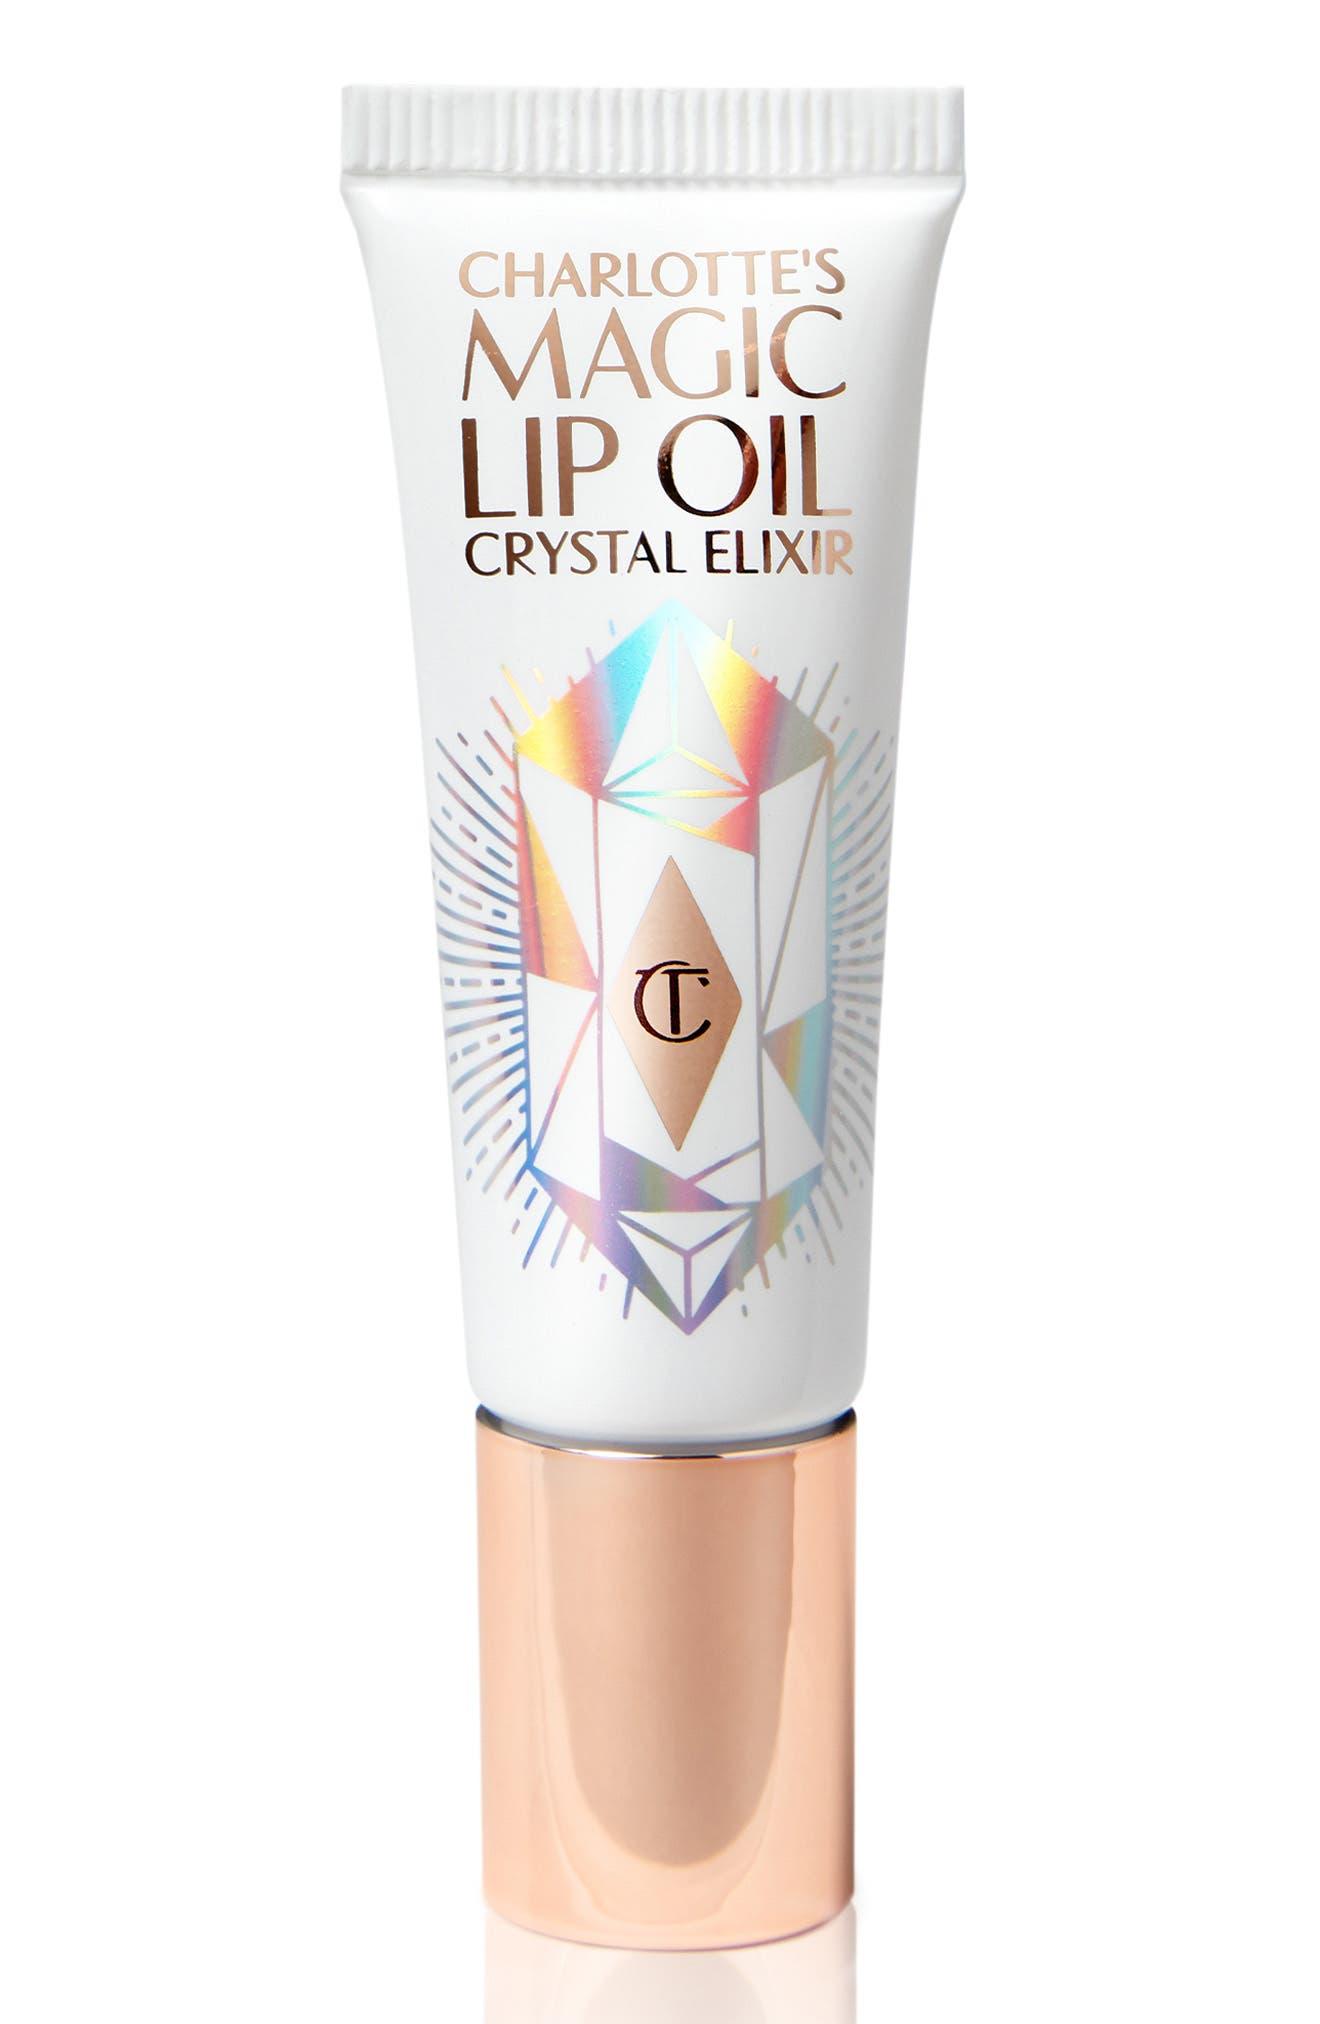 Charlotte's Magic Lip Oil Crystal Elixir | Nordstrom